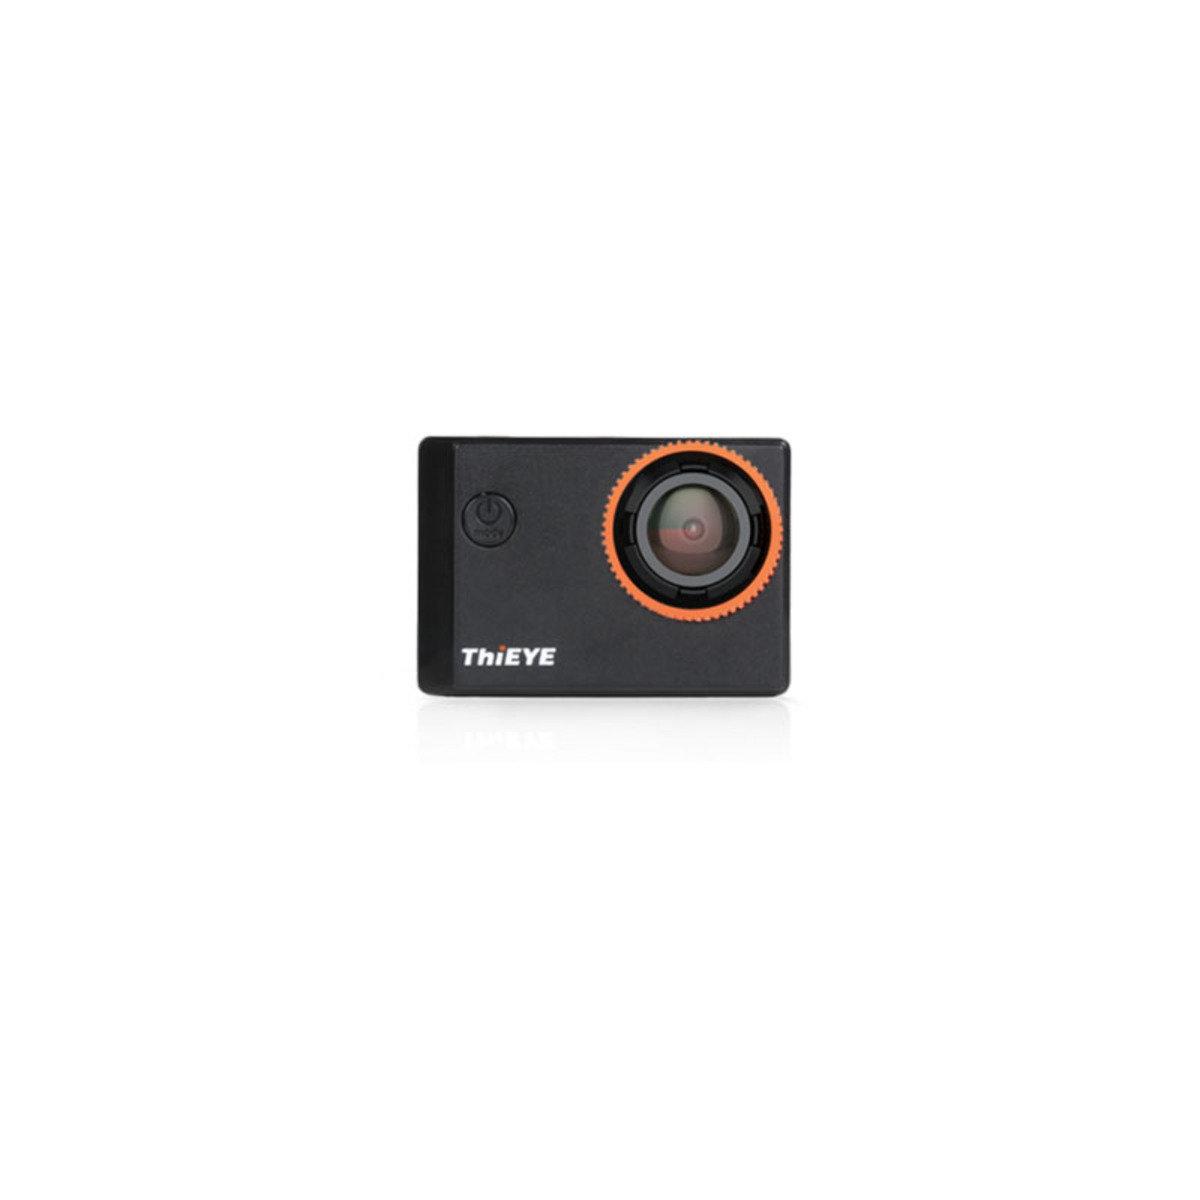 全高清1200萬像1440p WiFi 極限運動攝影機 i60 黑色